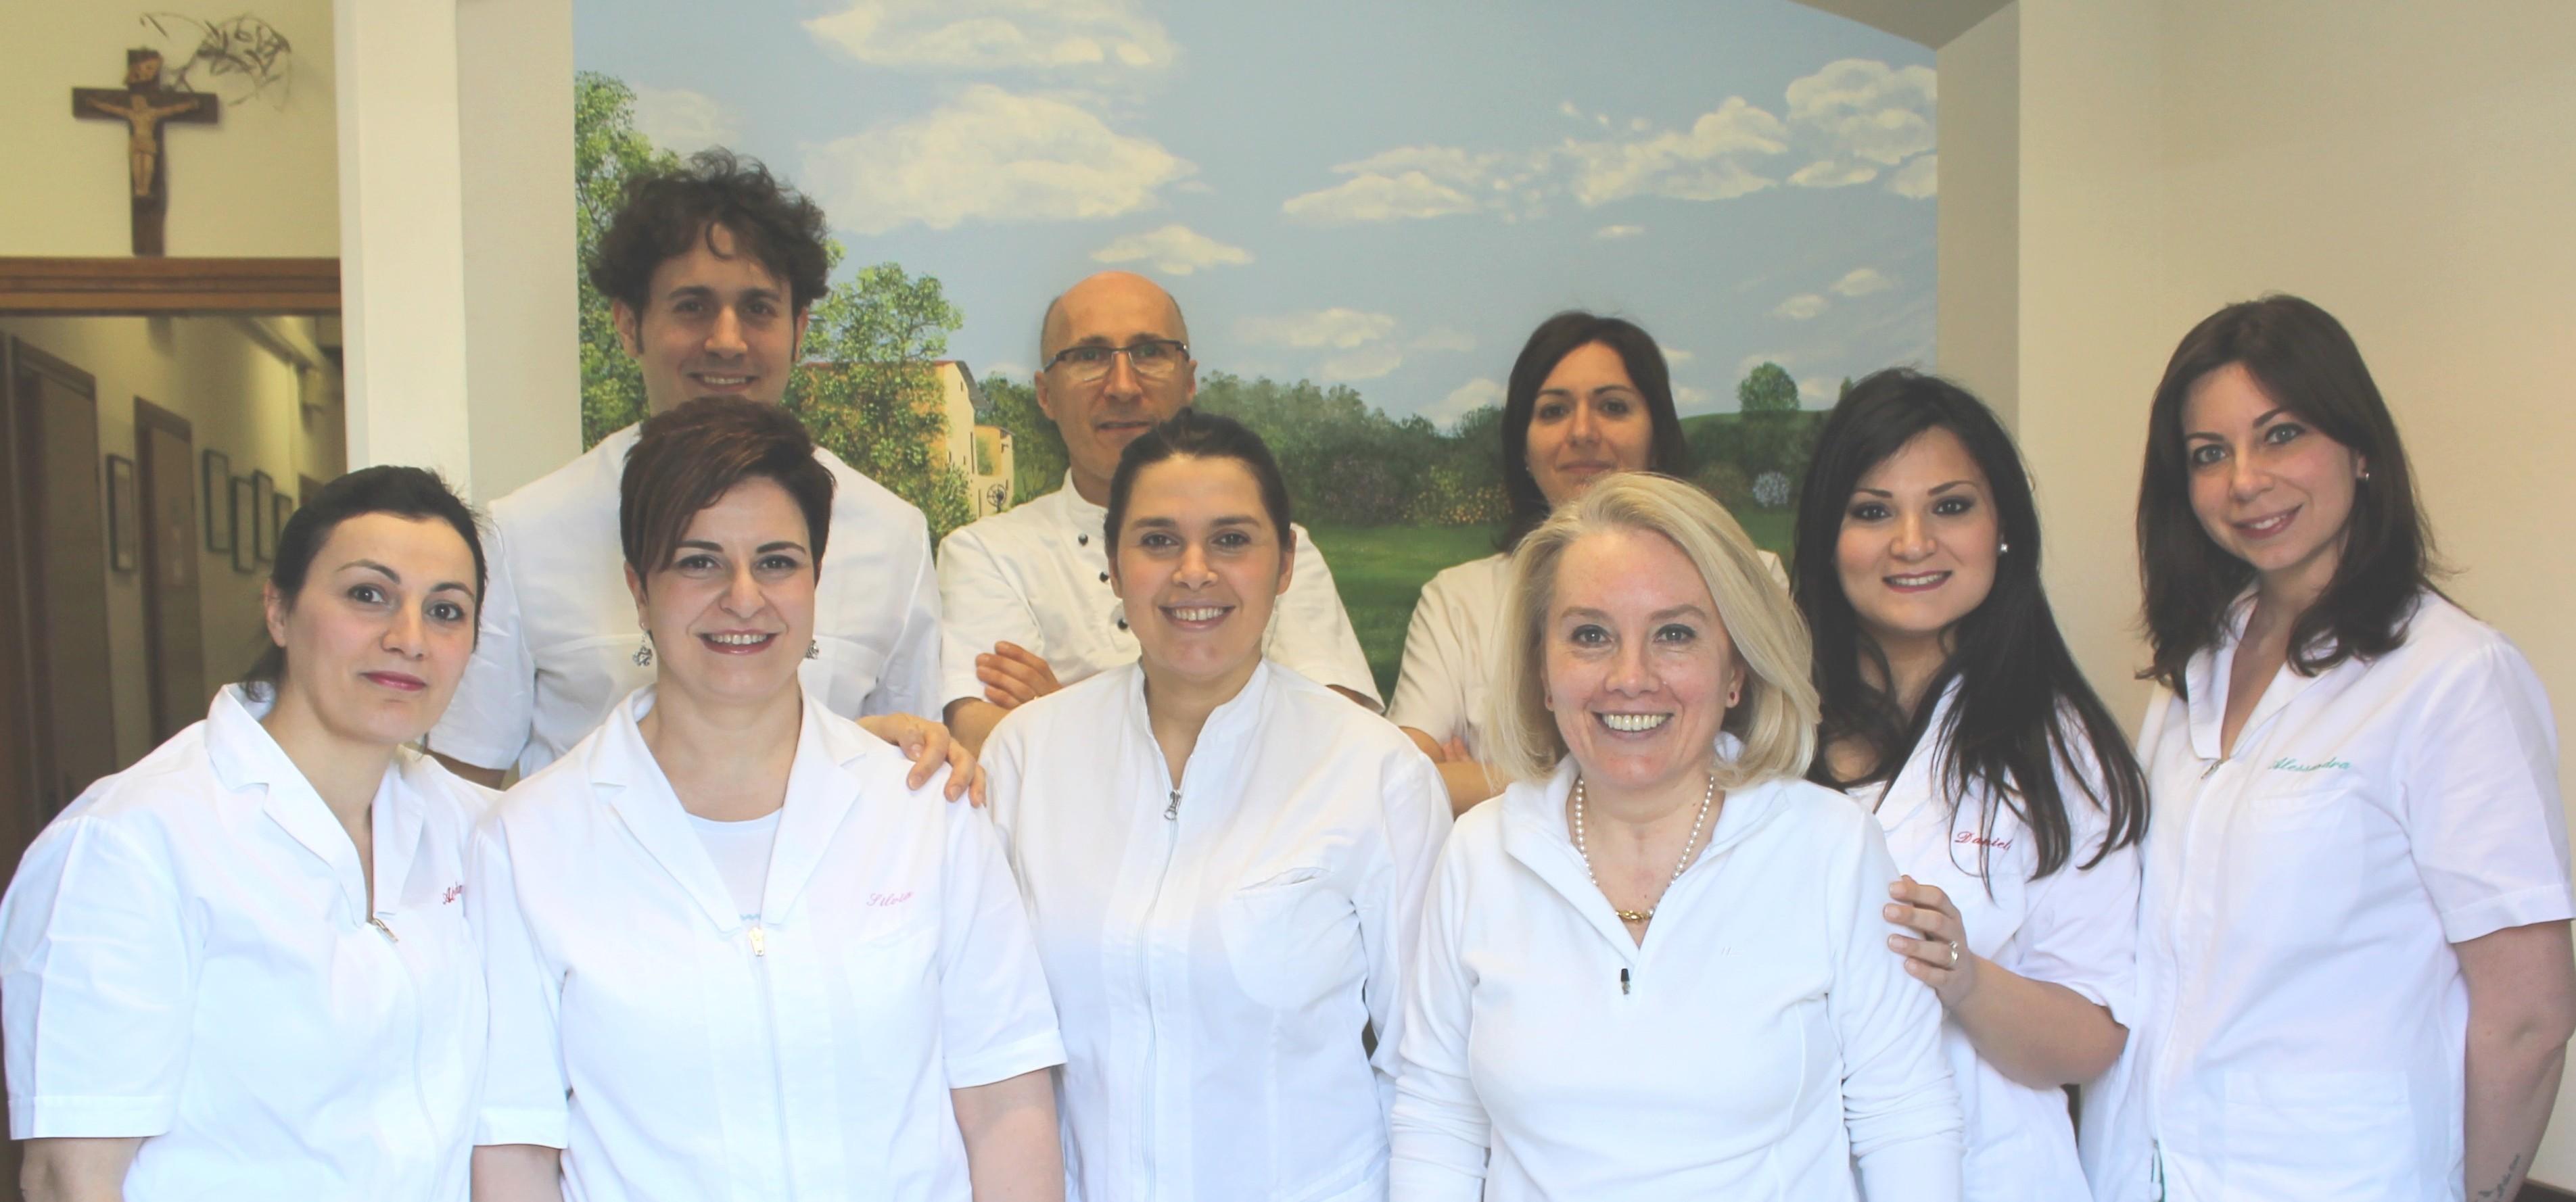 Trattamento di massaggio di psoriasi